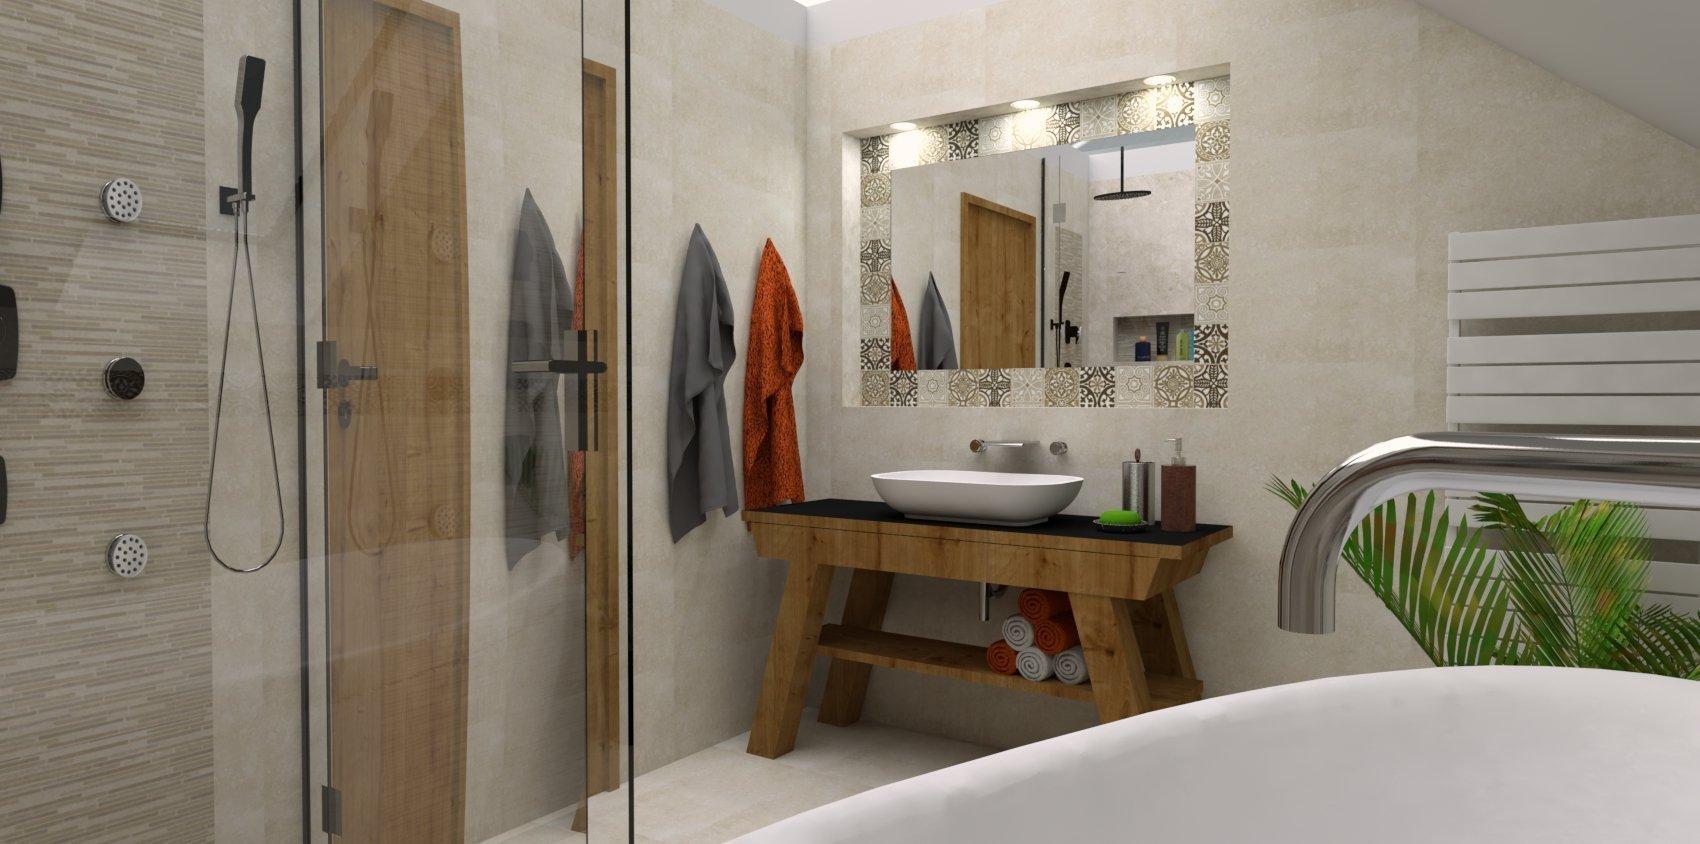 Moderní koupelna ve venkovském stavení